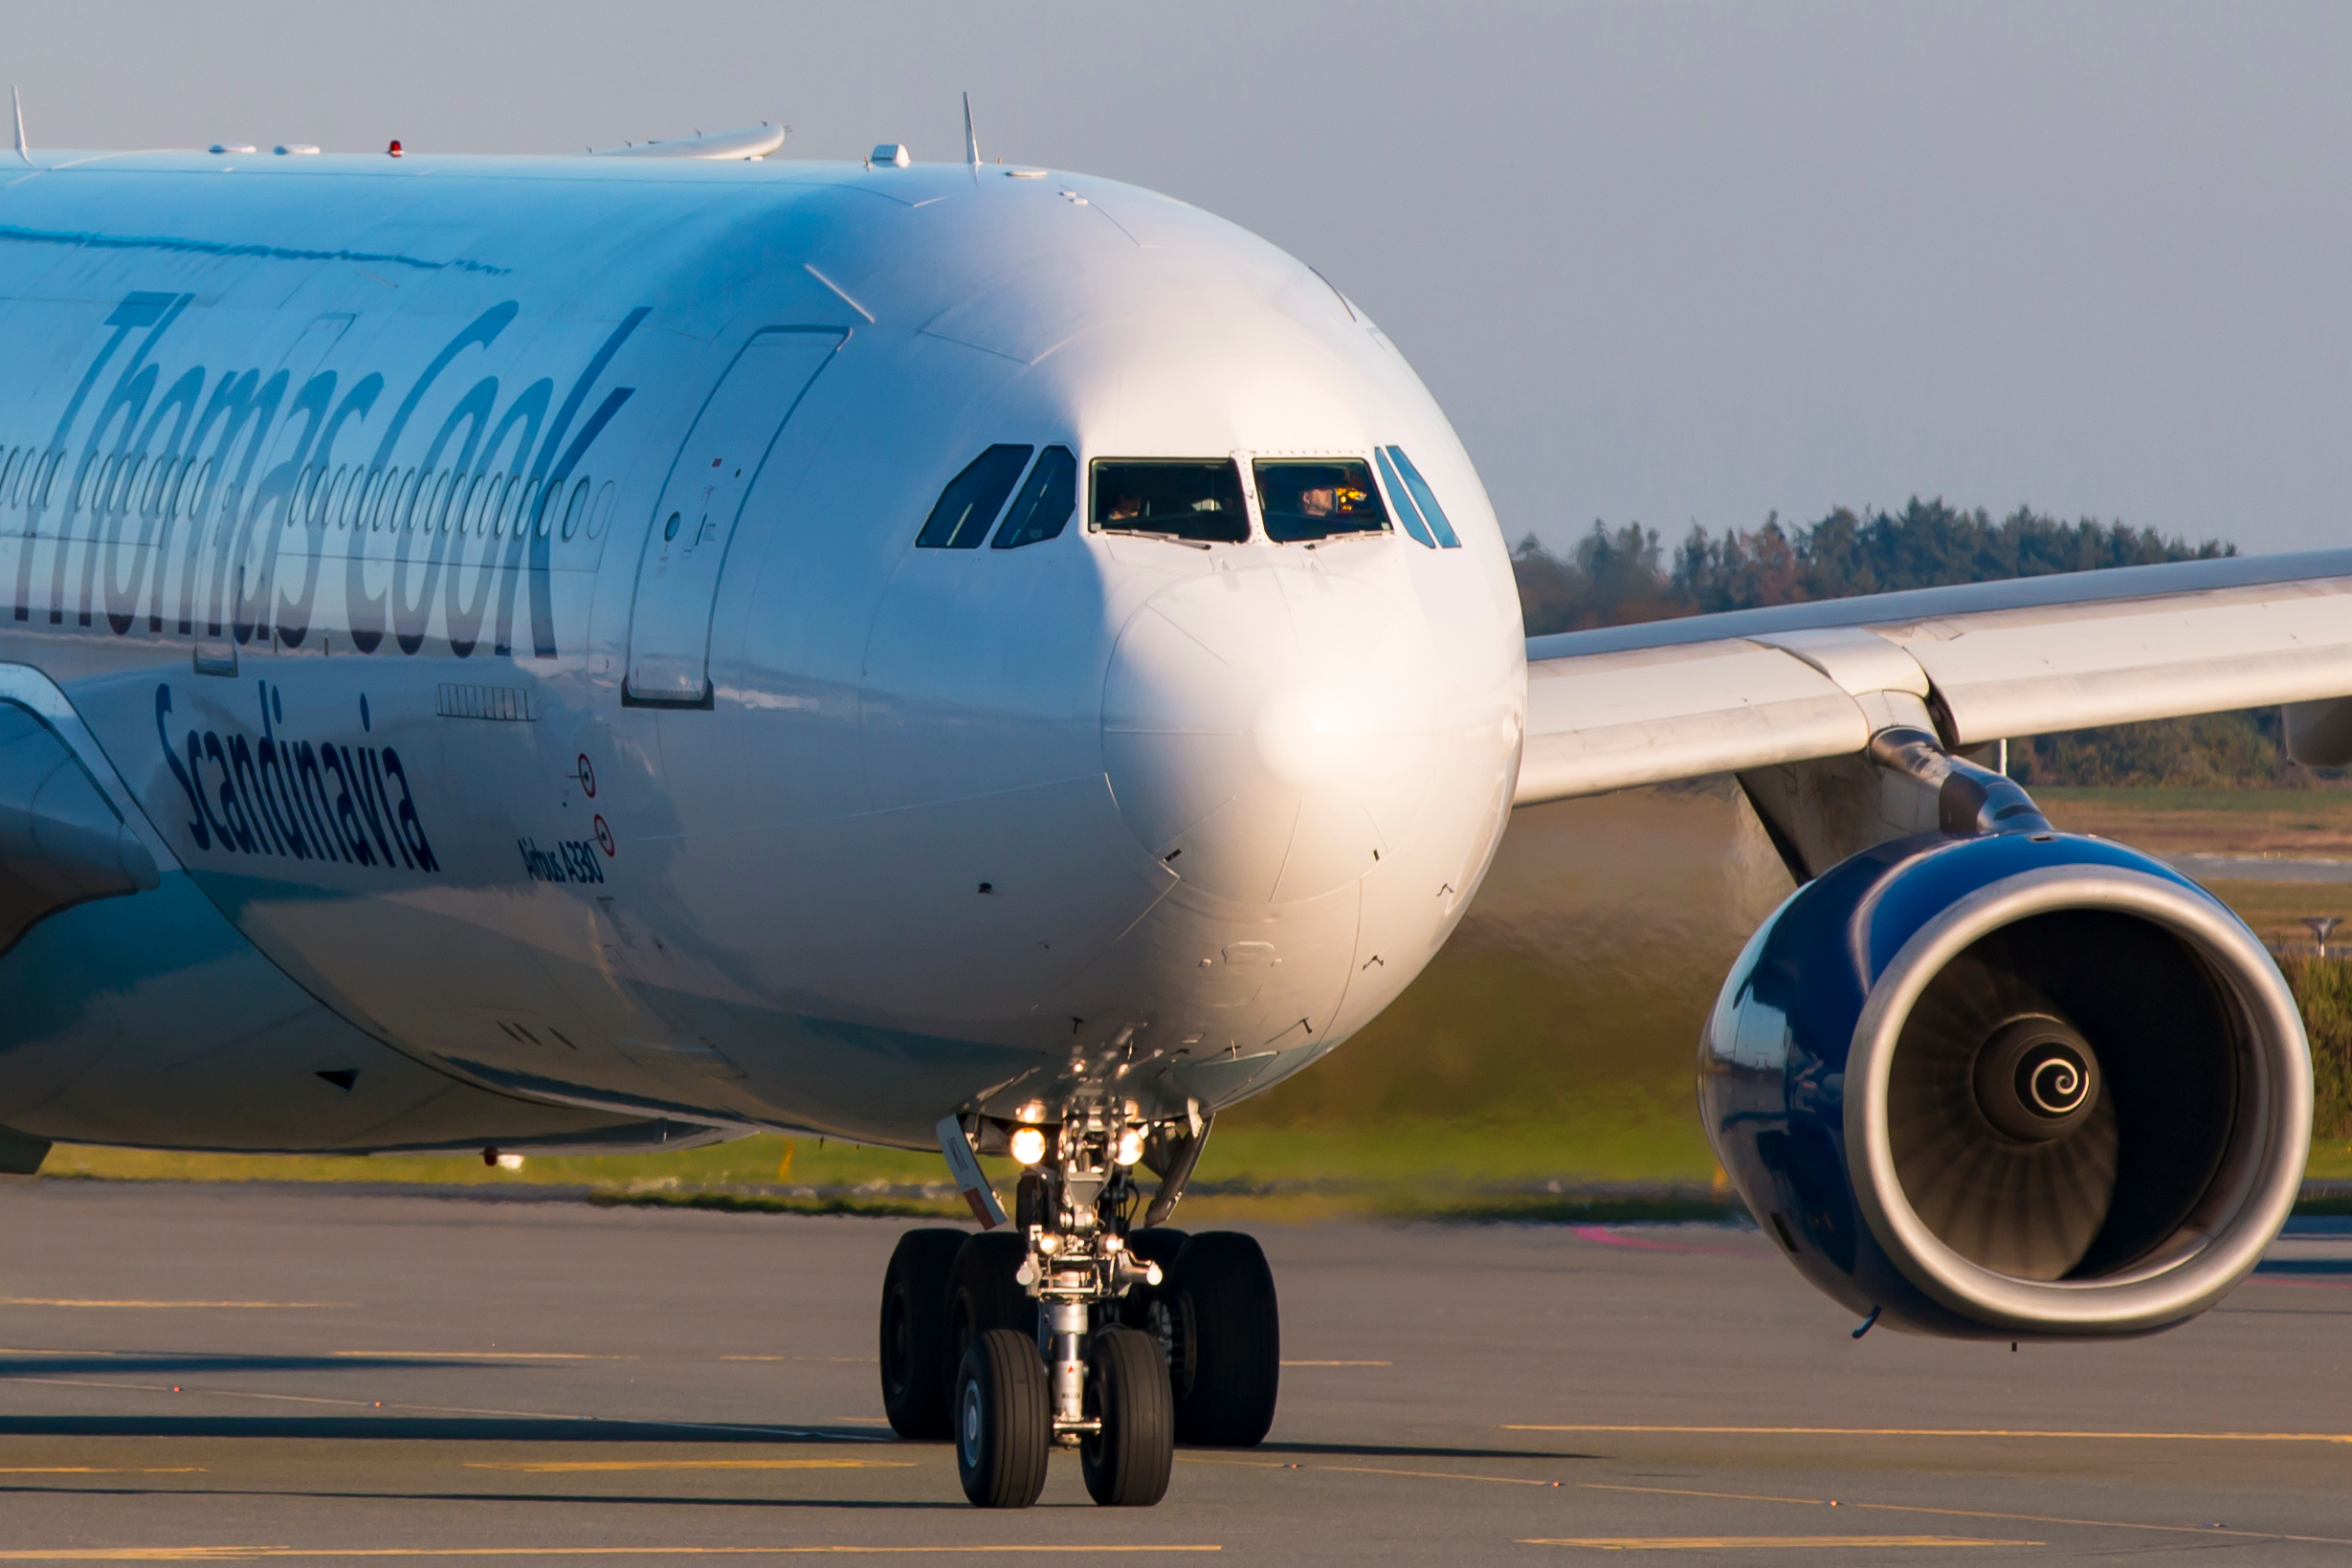 Sunclass Airlines, det tidligere Thomas Cook Airlines, stationerer gennem højsæsonen sin store Airbus A330-300 i Danmark. Arkivfoto: © Thorbjørn Brunander Sund, Danish Aviation Photo.